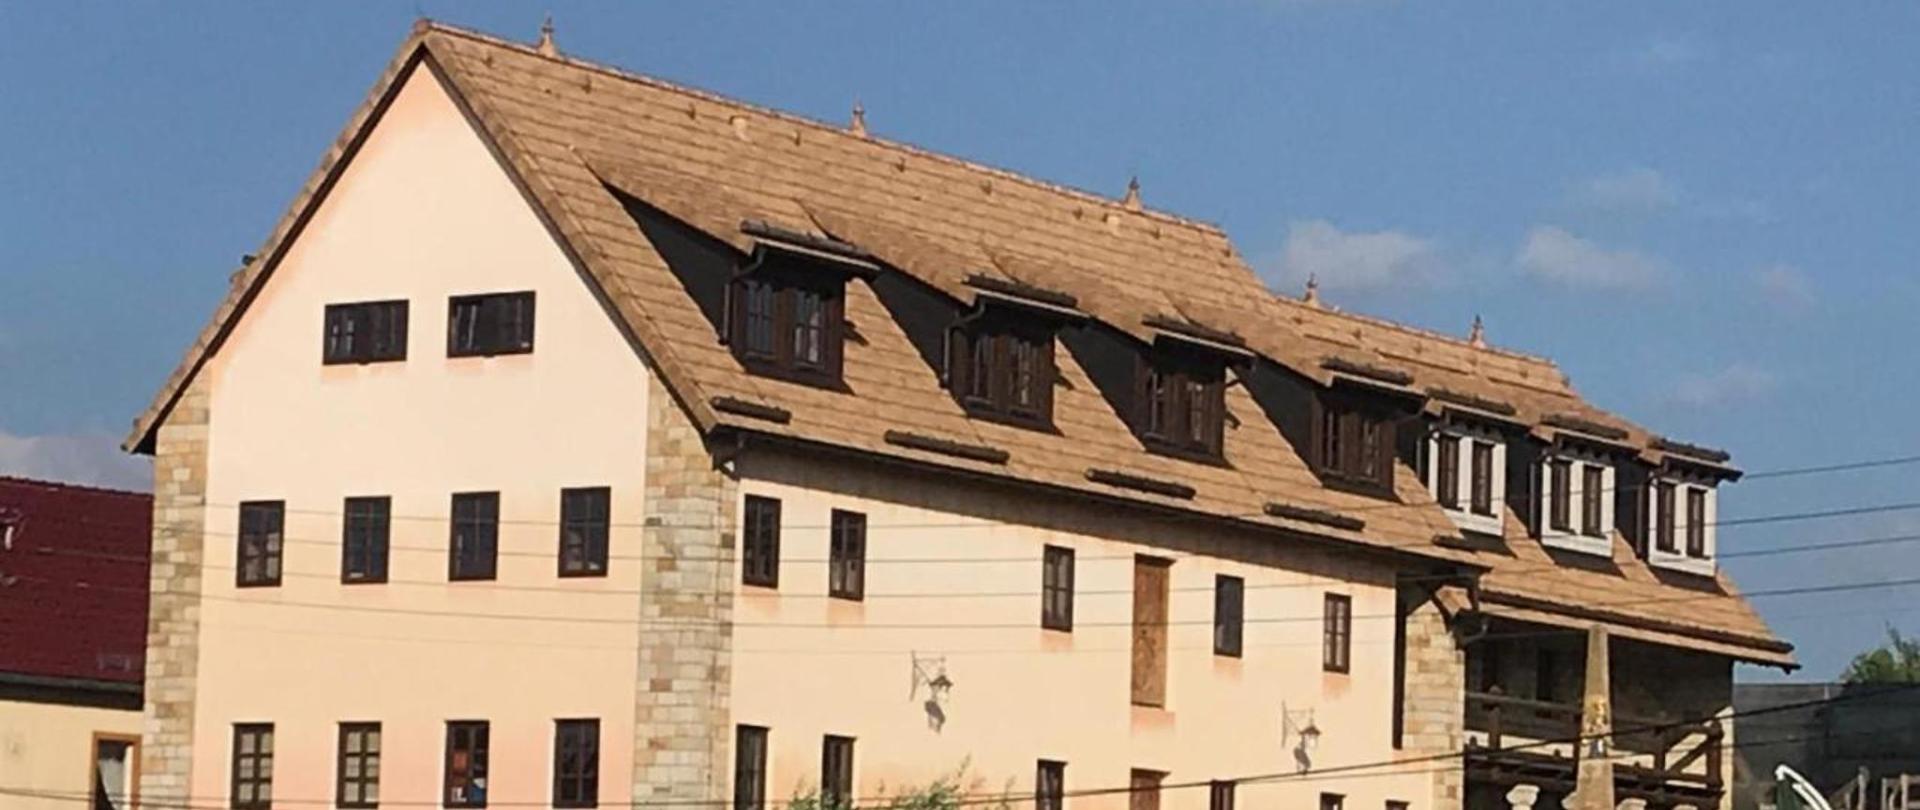 Διαμέρισμα με μεγάλο οικογενειακό κρεβάτι για 2 ενήλικες + 6 παιδιά κοντά στη Δρέσδη